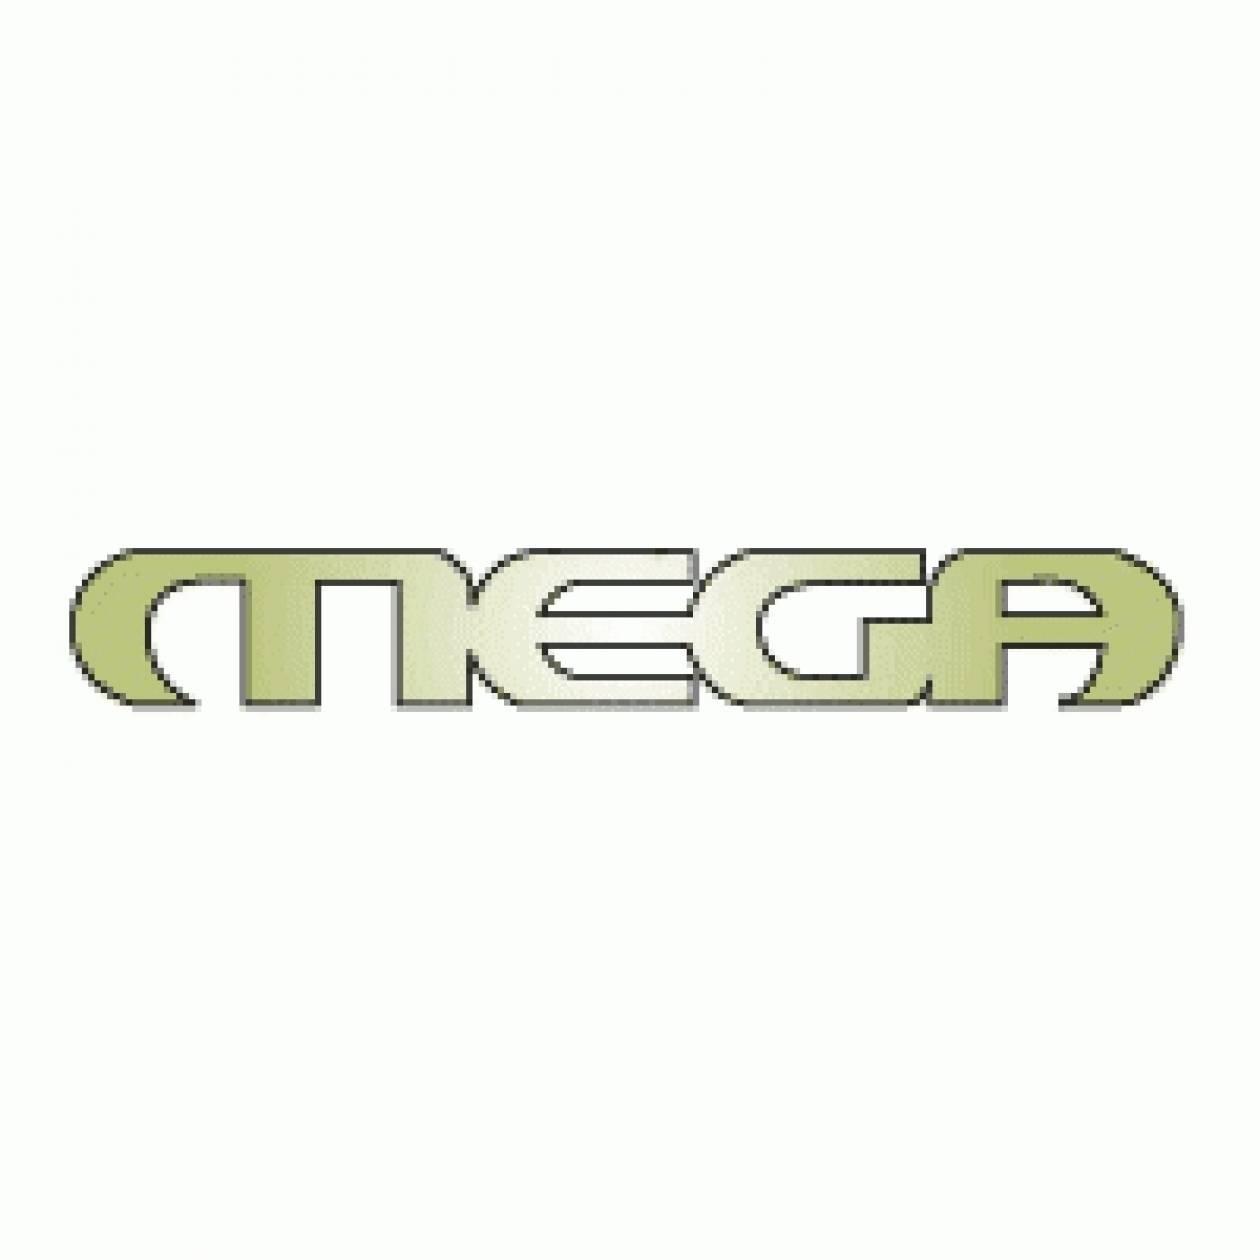 Tί συμβαίνει και το Mega παίρνει συνεχώς δάνεια;